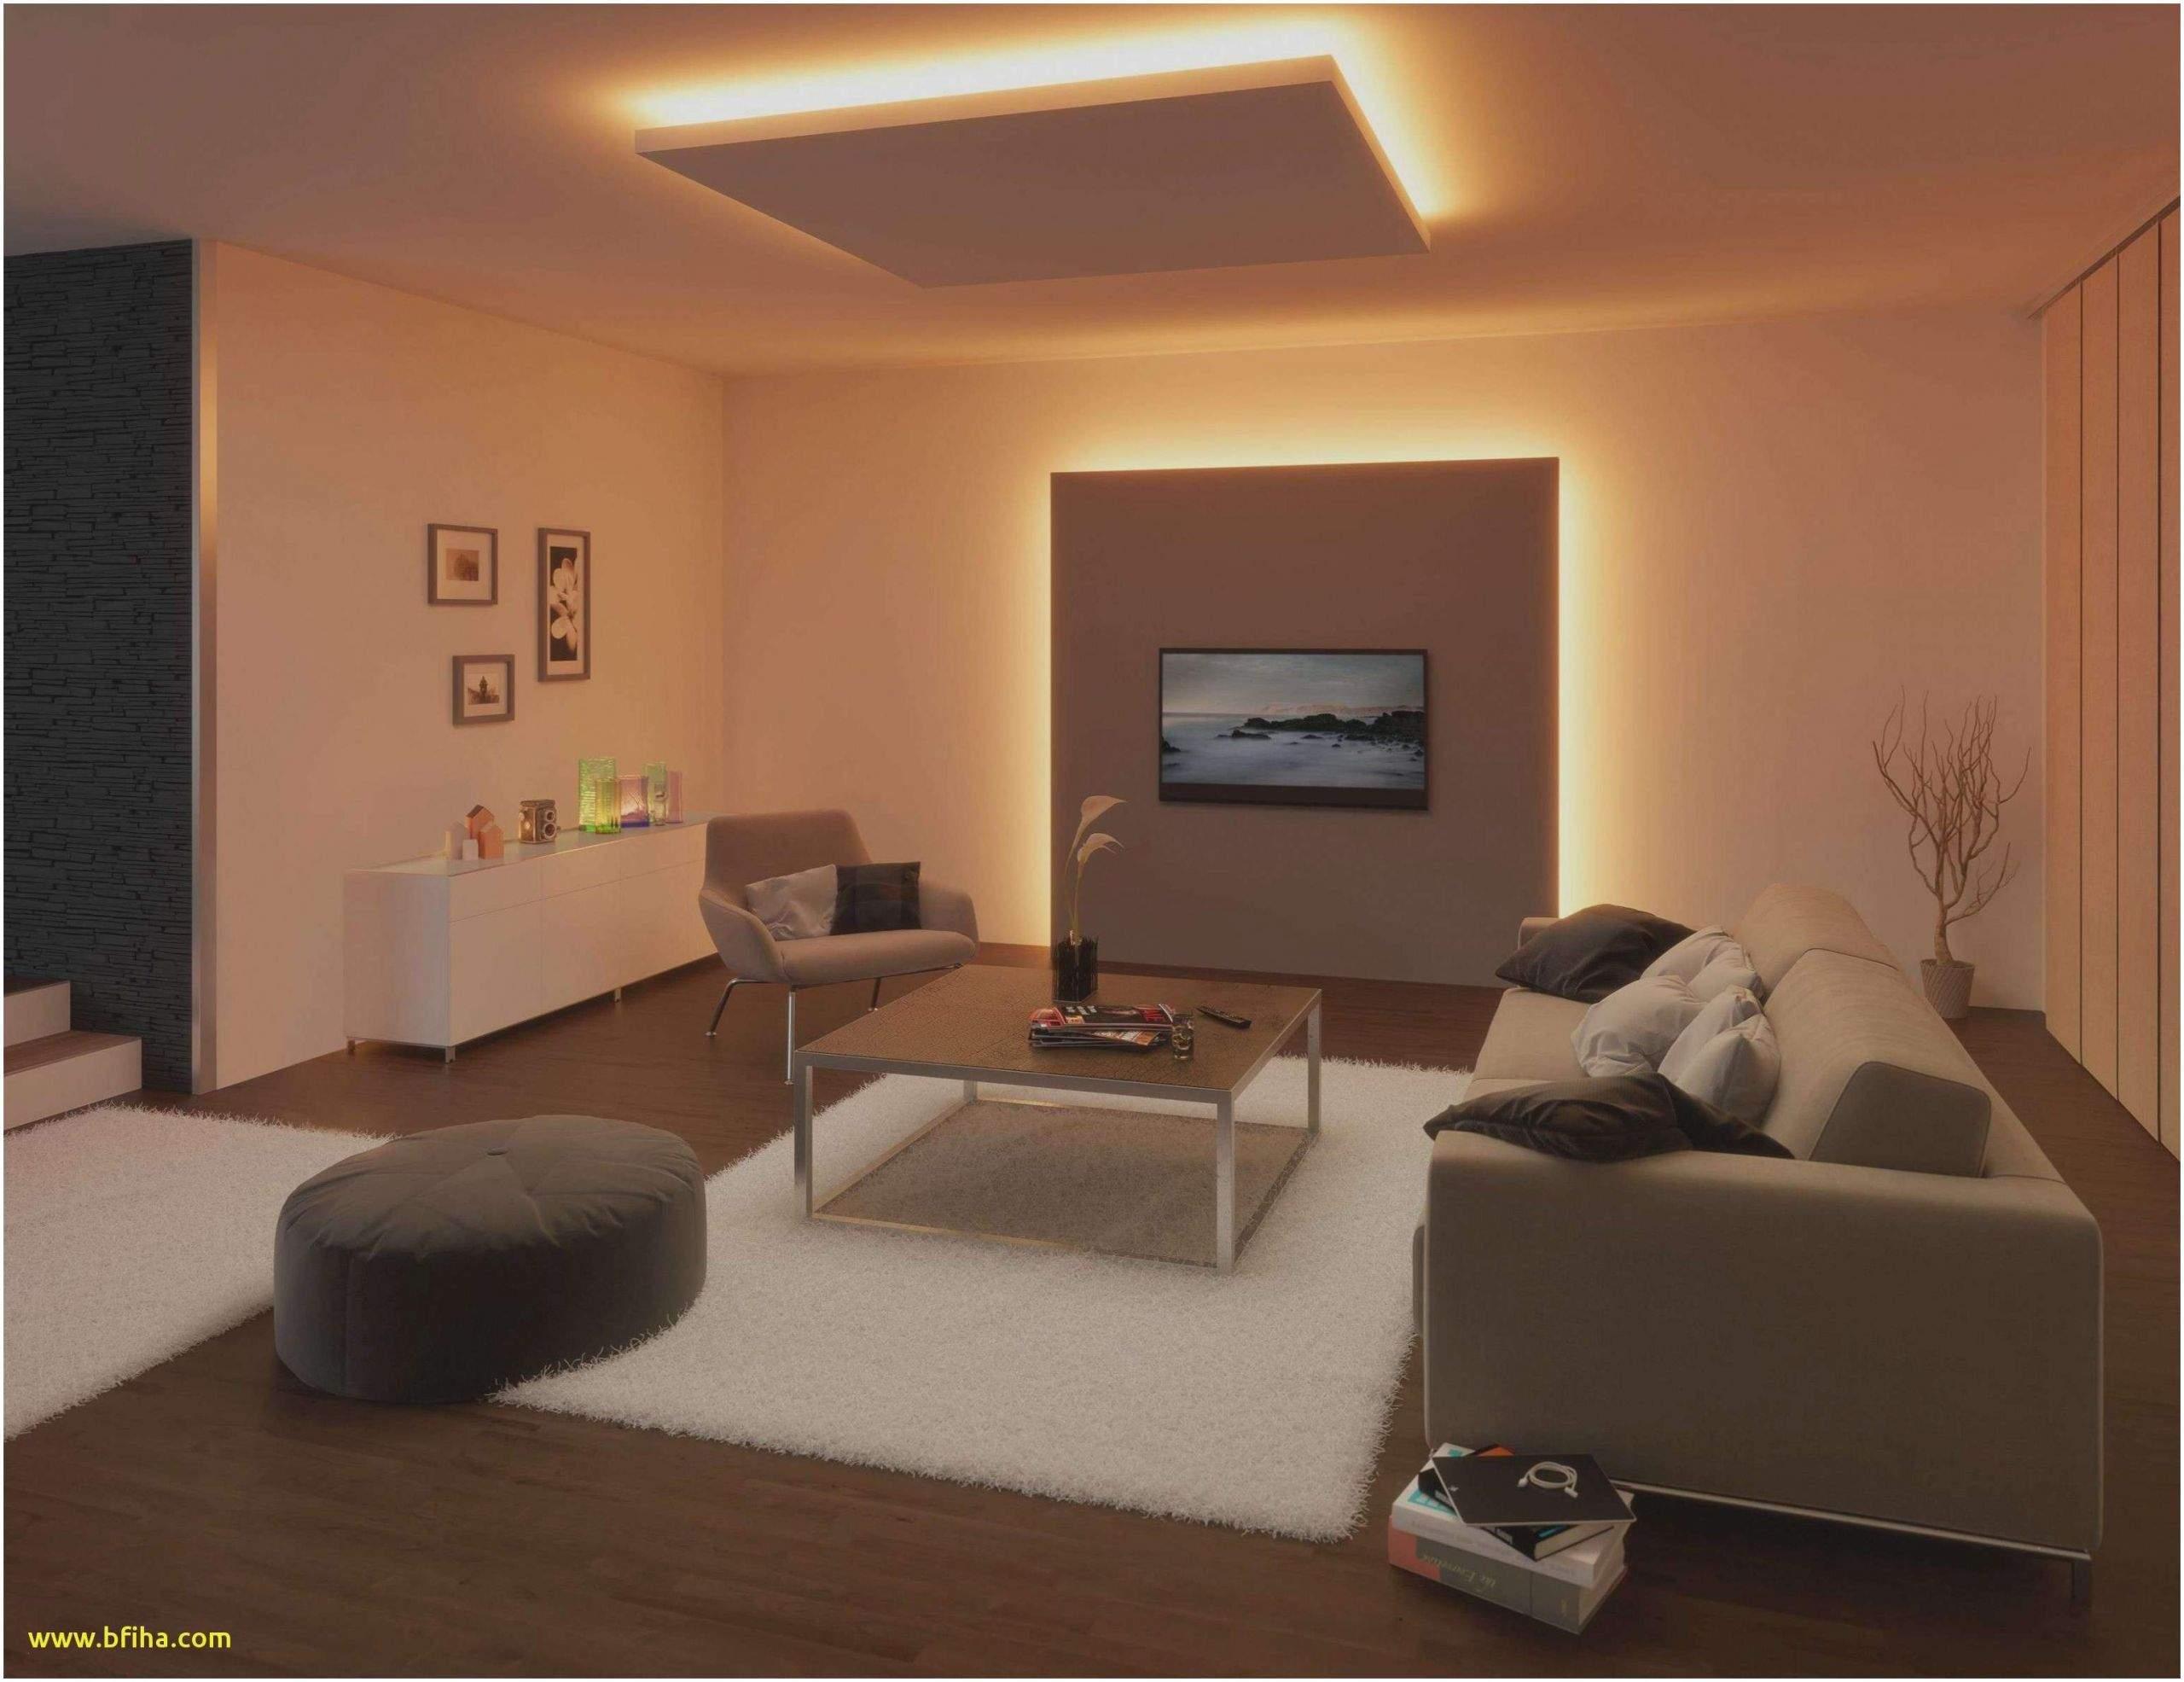 Full Size of 25 Schn Deckenspots Wohnzimmer Einzigartig Das Beste Deckenleuchten Gardine Led Deckenleuchte Hängeleuchte Landhausstil Sofa Kleines Komplett Teppich Wohnzimmer Deckenspots Wohnzimmer